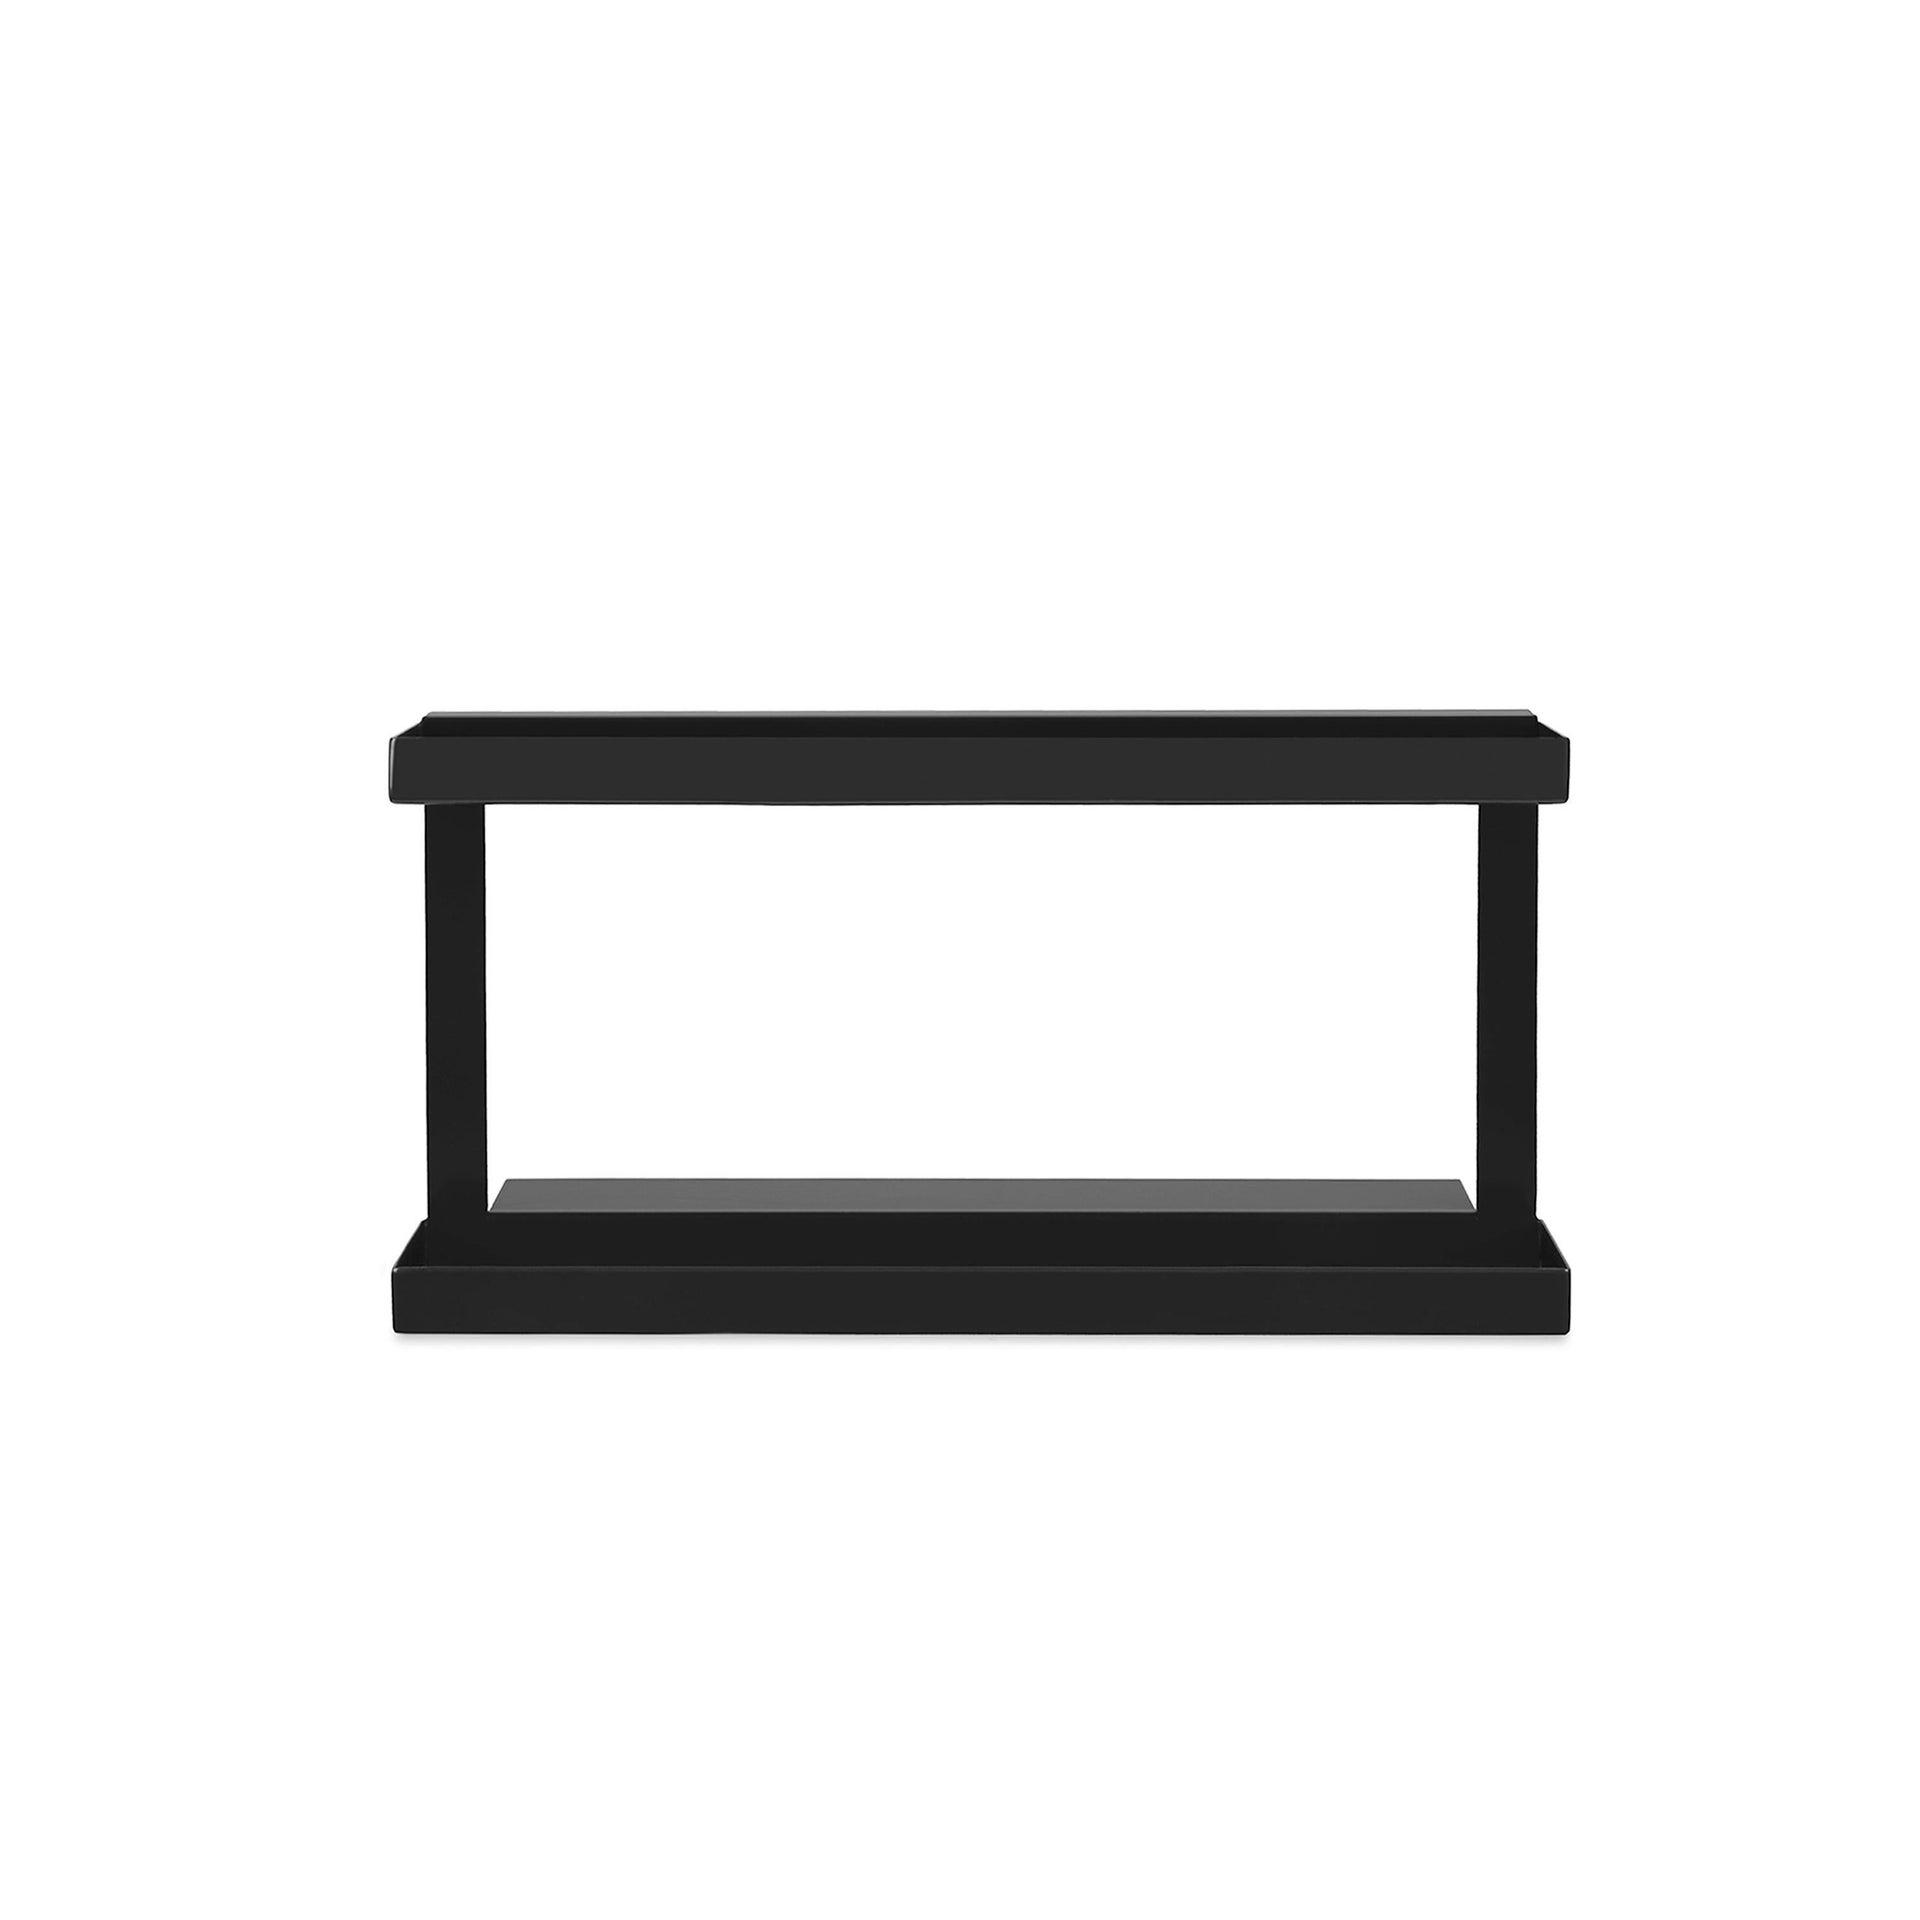 Ripiano per le spezie gancio nero P 30.4 cm x L 88 x H 156.5 mm - 7